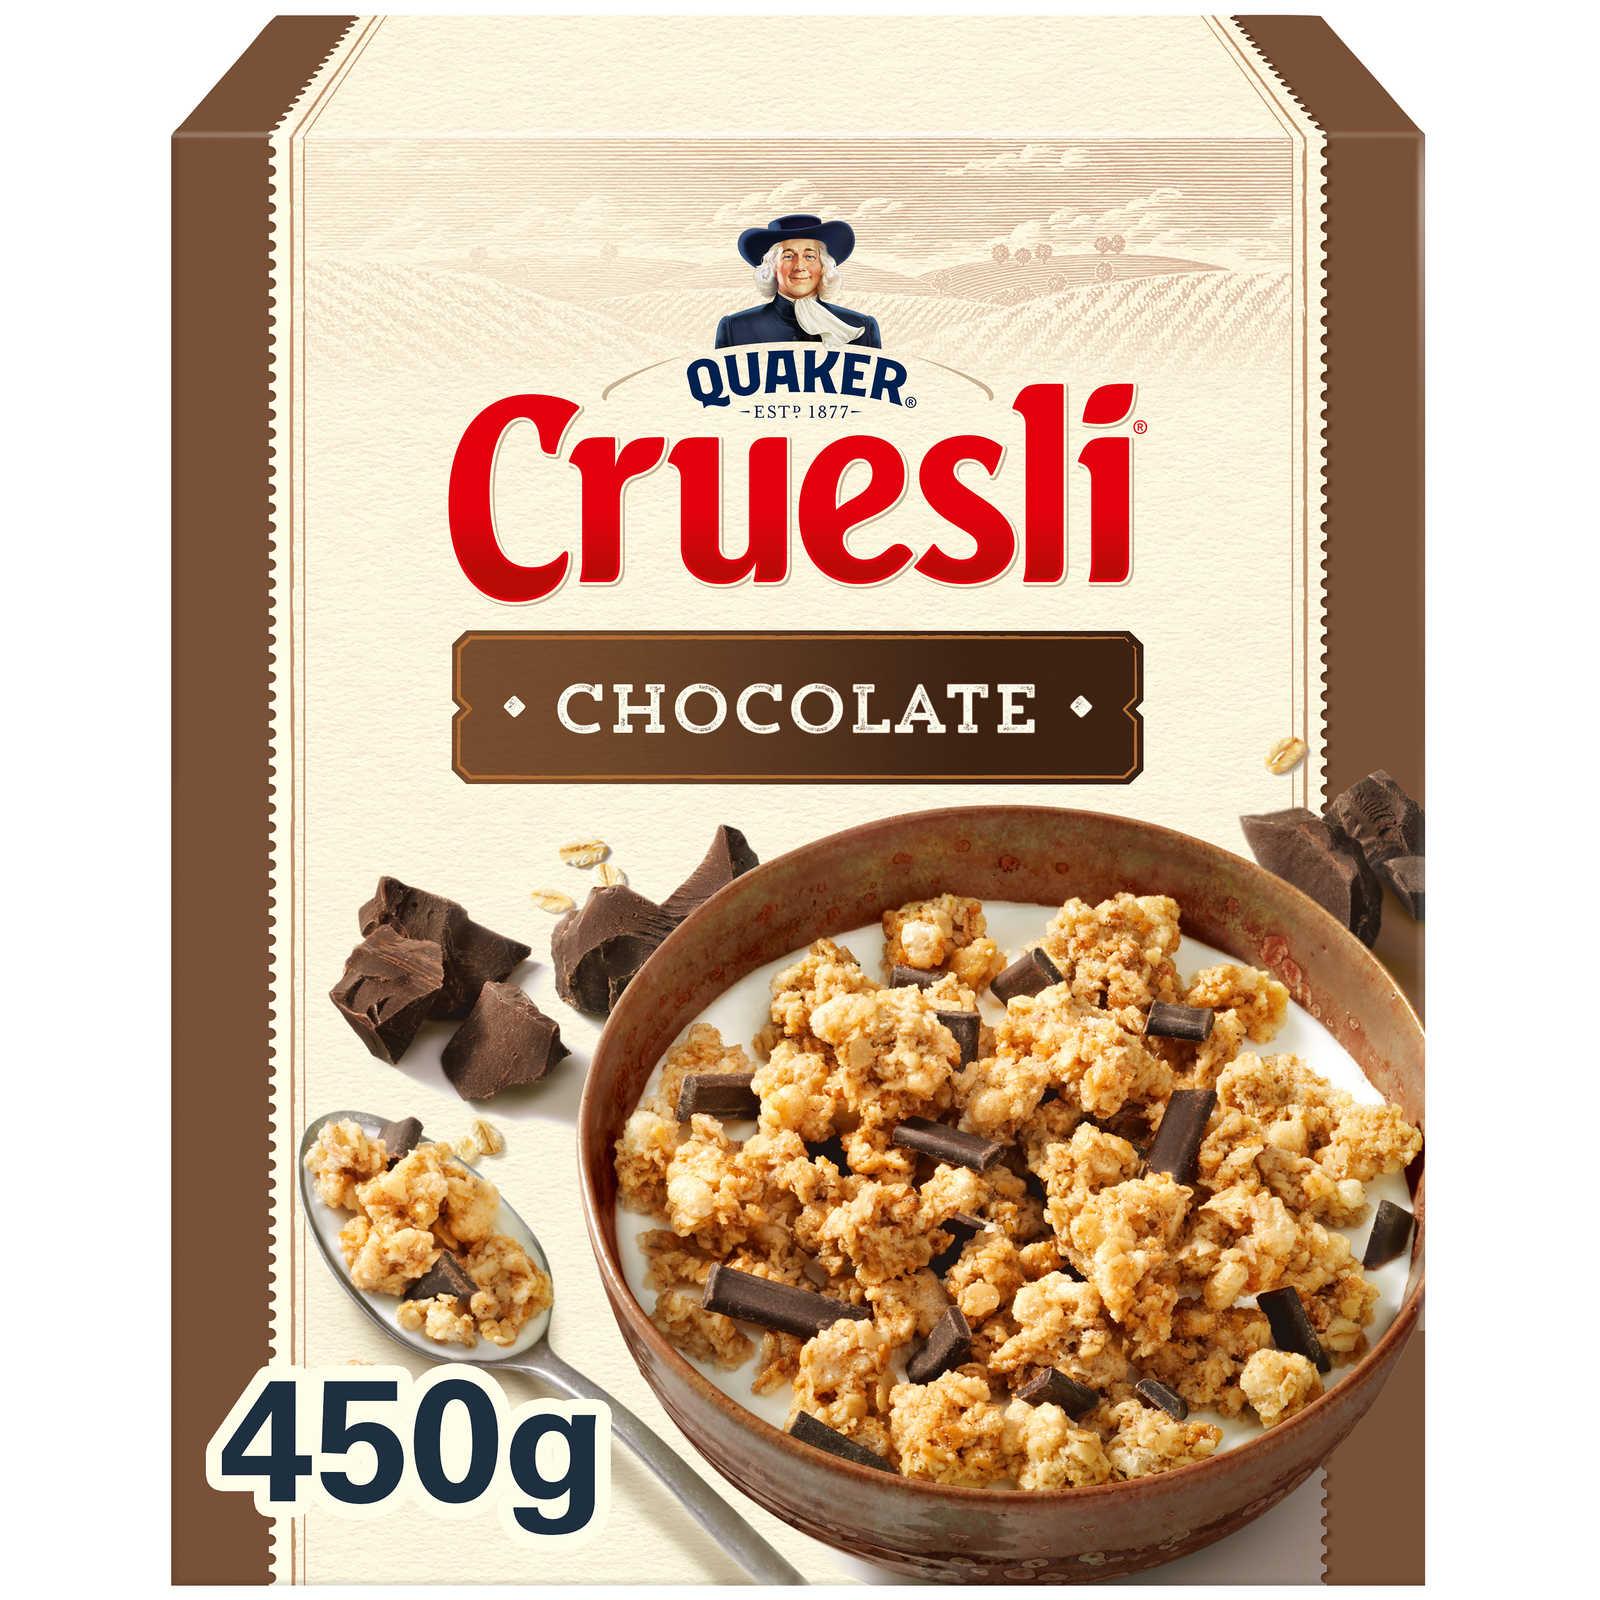 Quaker-Cruesli